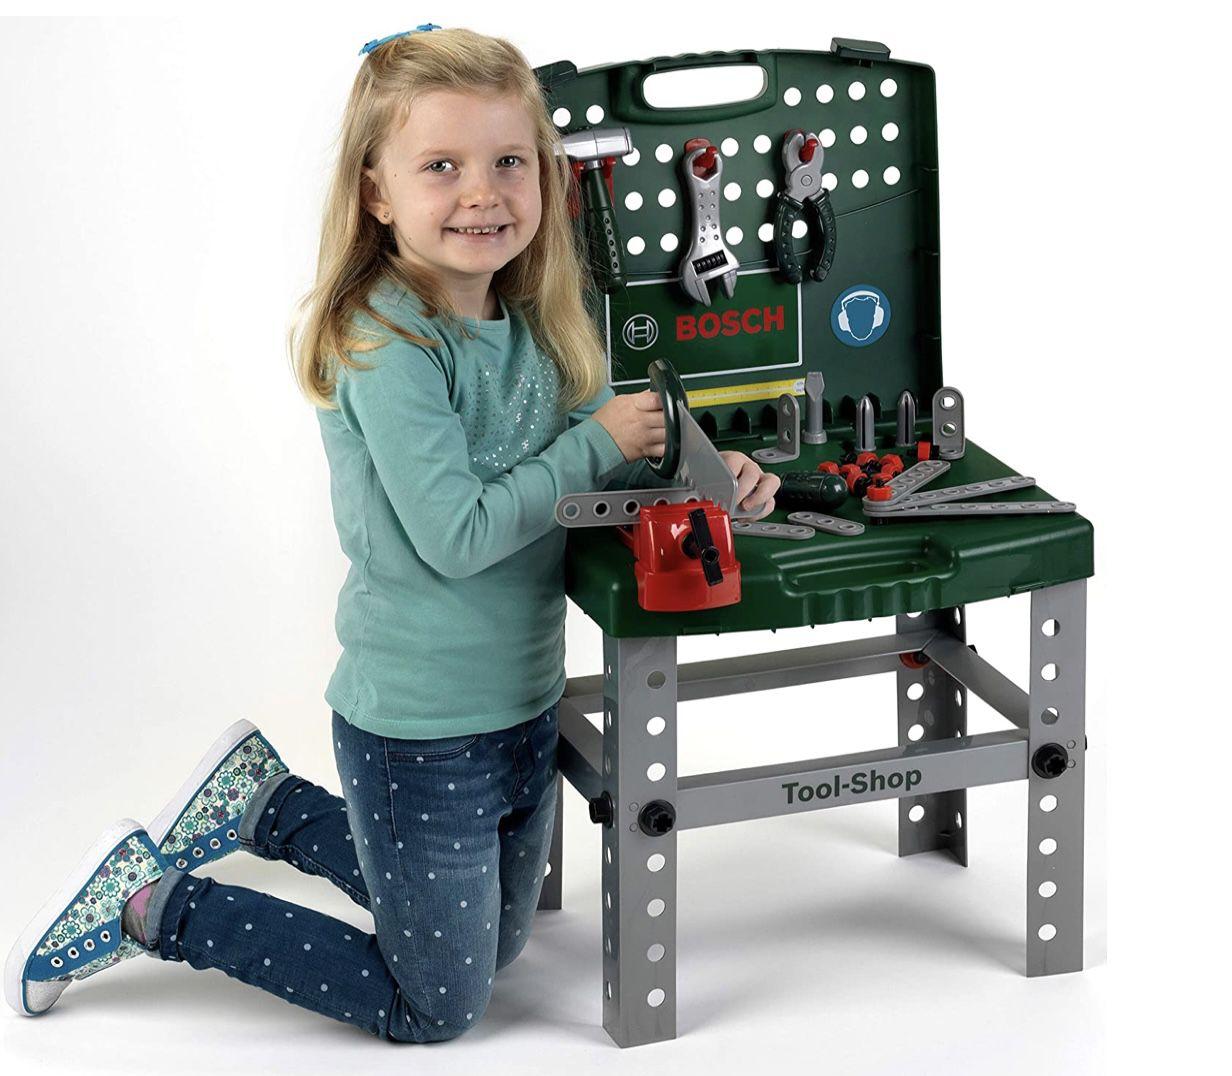 klein toys 8681 Bosch Werkbank klappbar für 30,09€ (statt 40€)